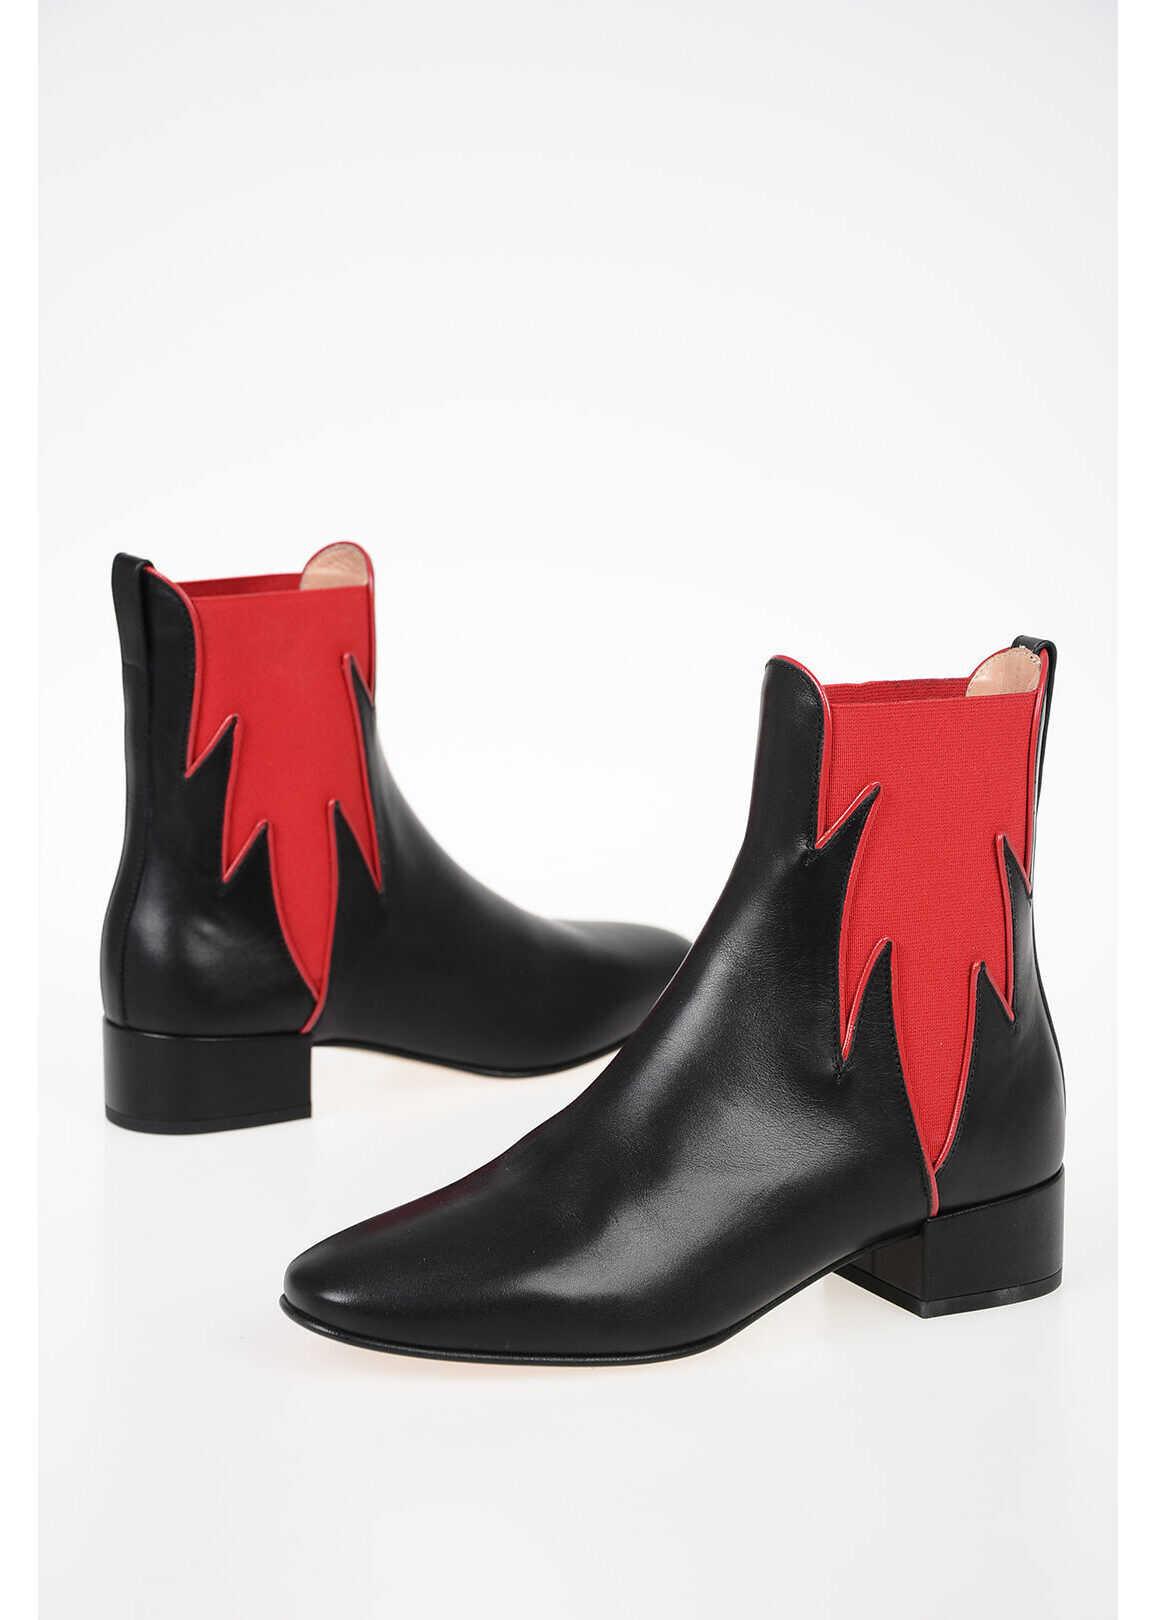 Francesco Russo 3,5cm Leather Boots BLACK